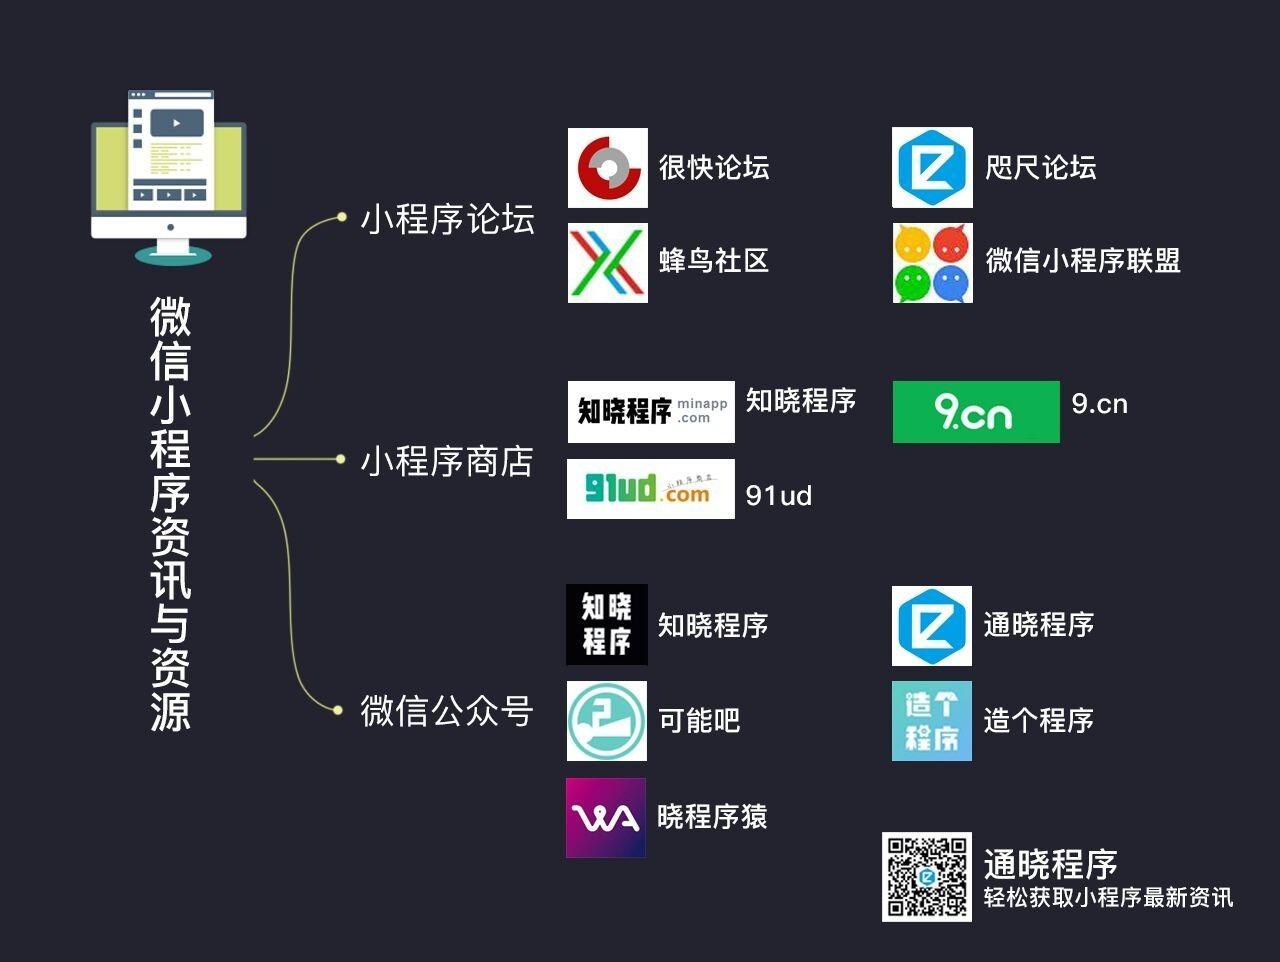 微信小程序行业生态指导书